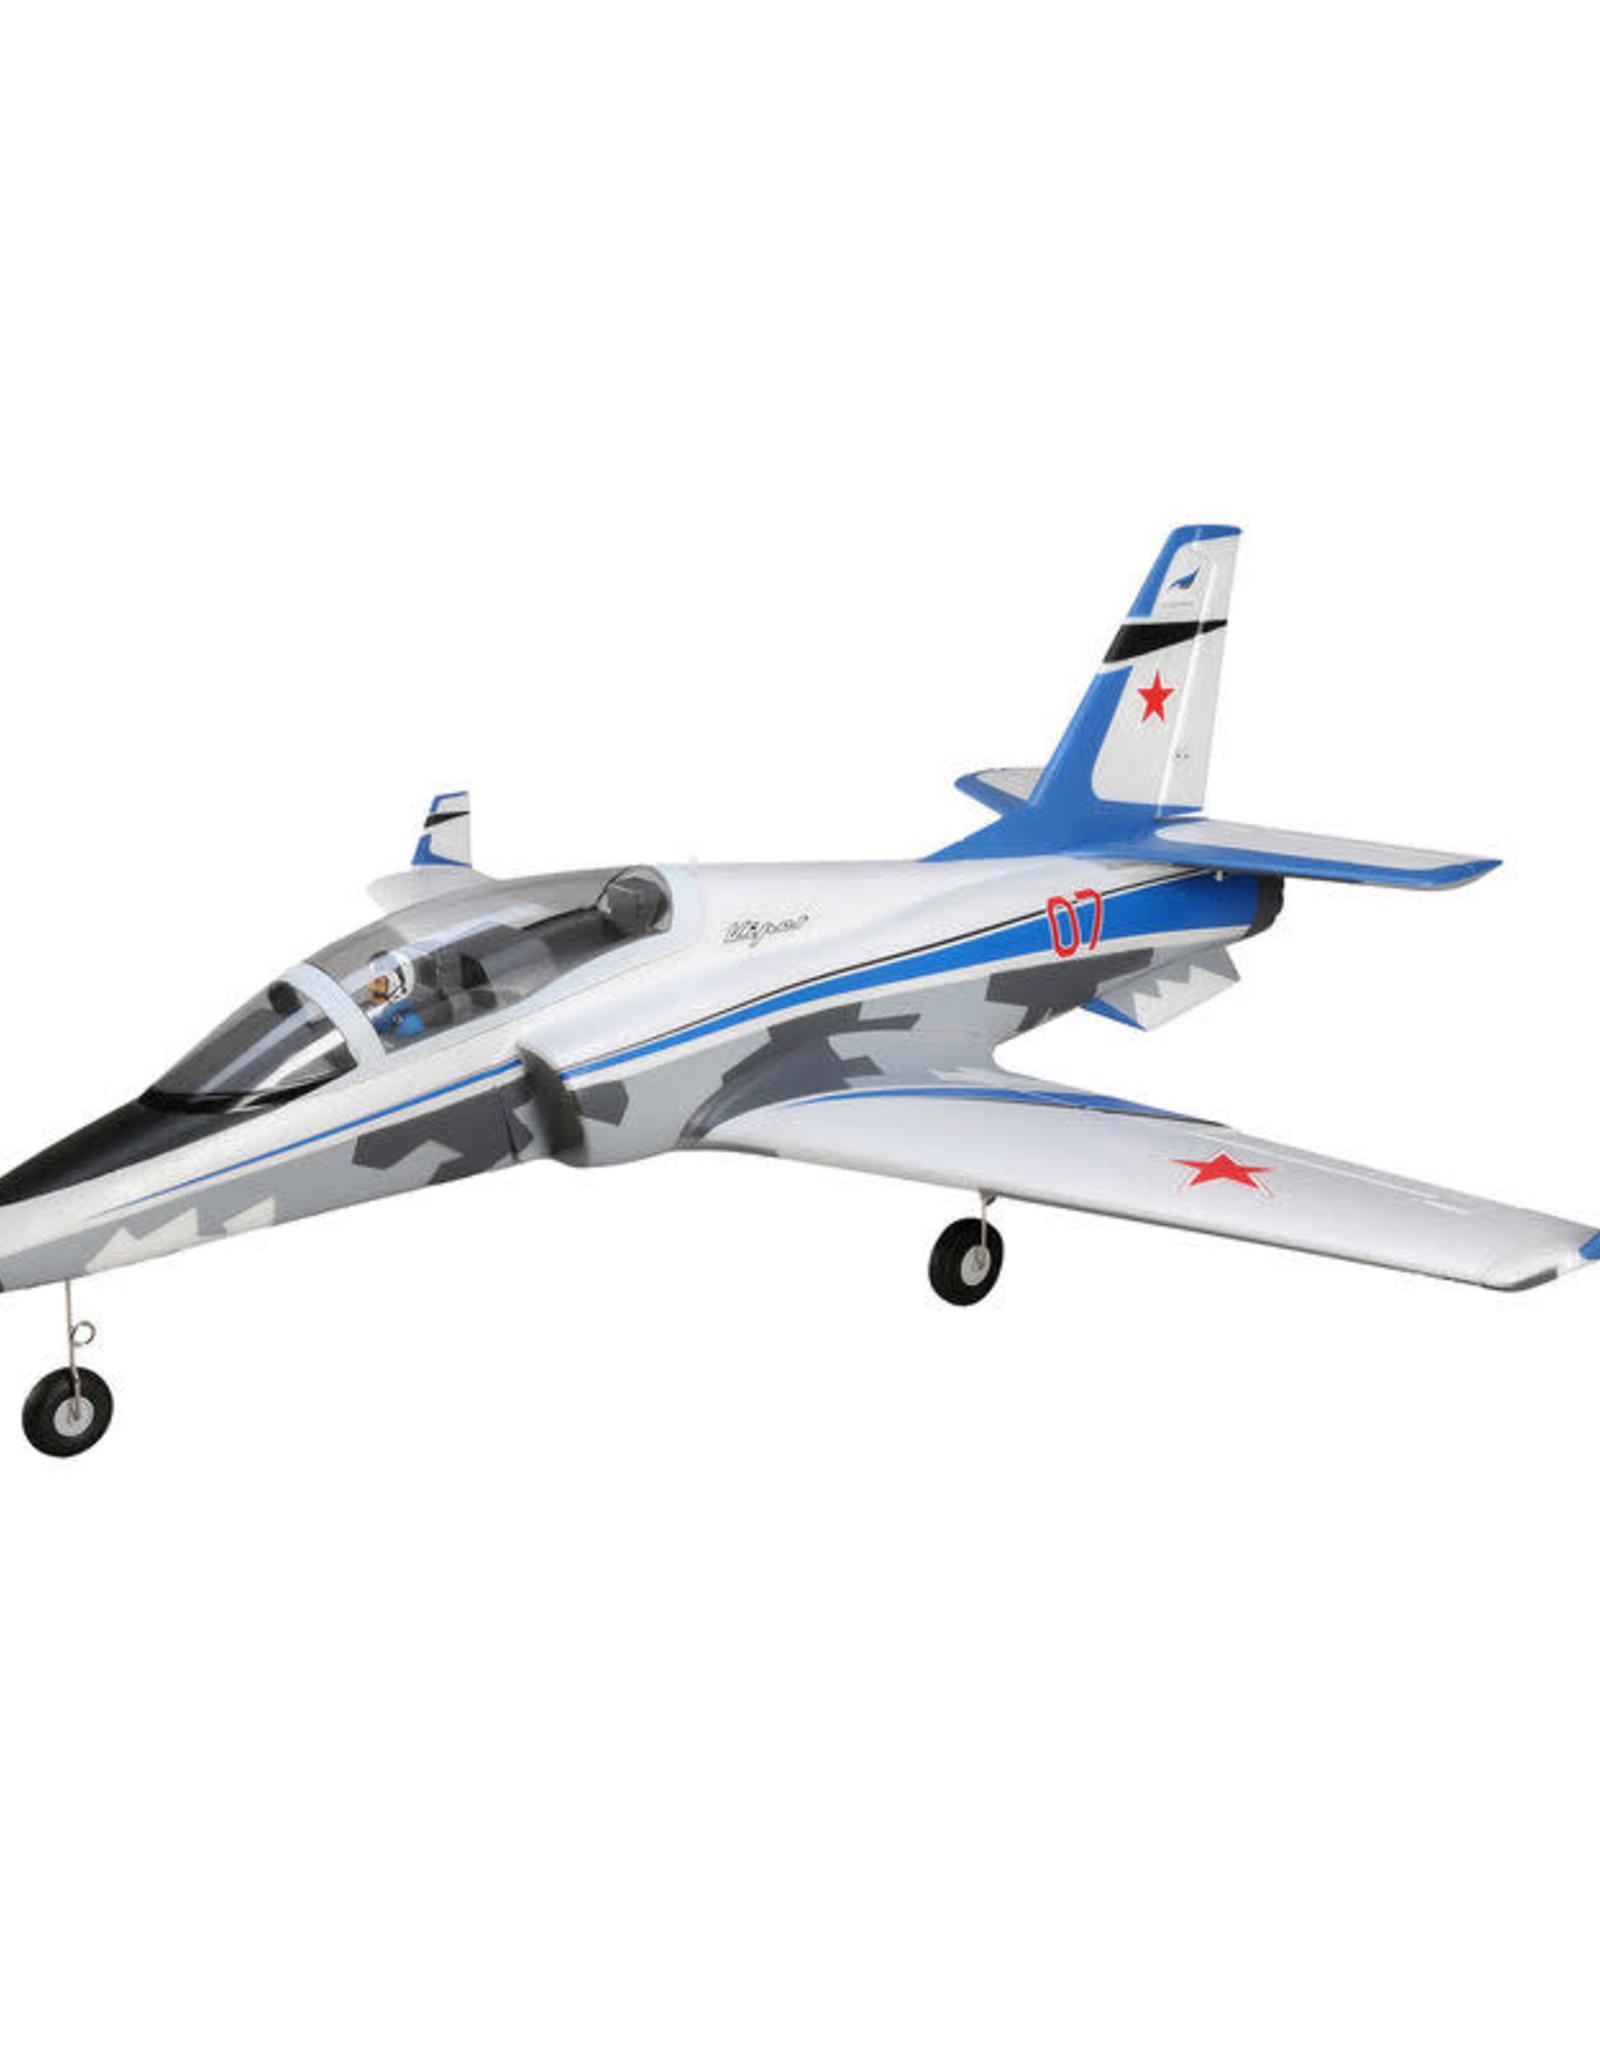 EFL EFL7775 Viper 70mm EDF Jet PNP, 1100mm